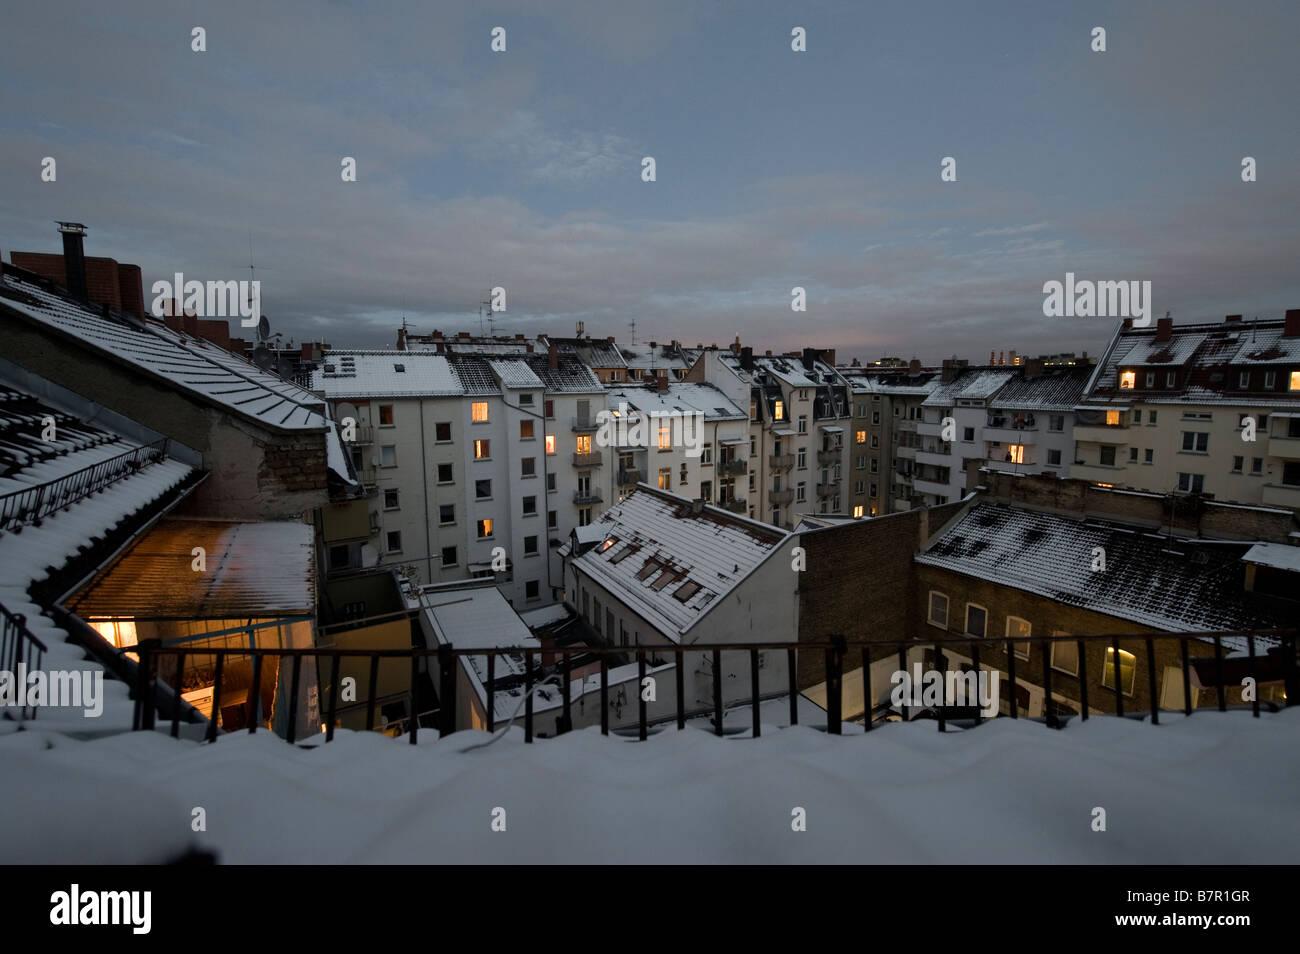 Tiefster Winter Hinterhof Landschaft